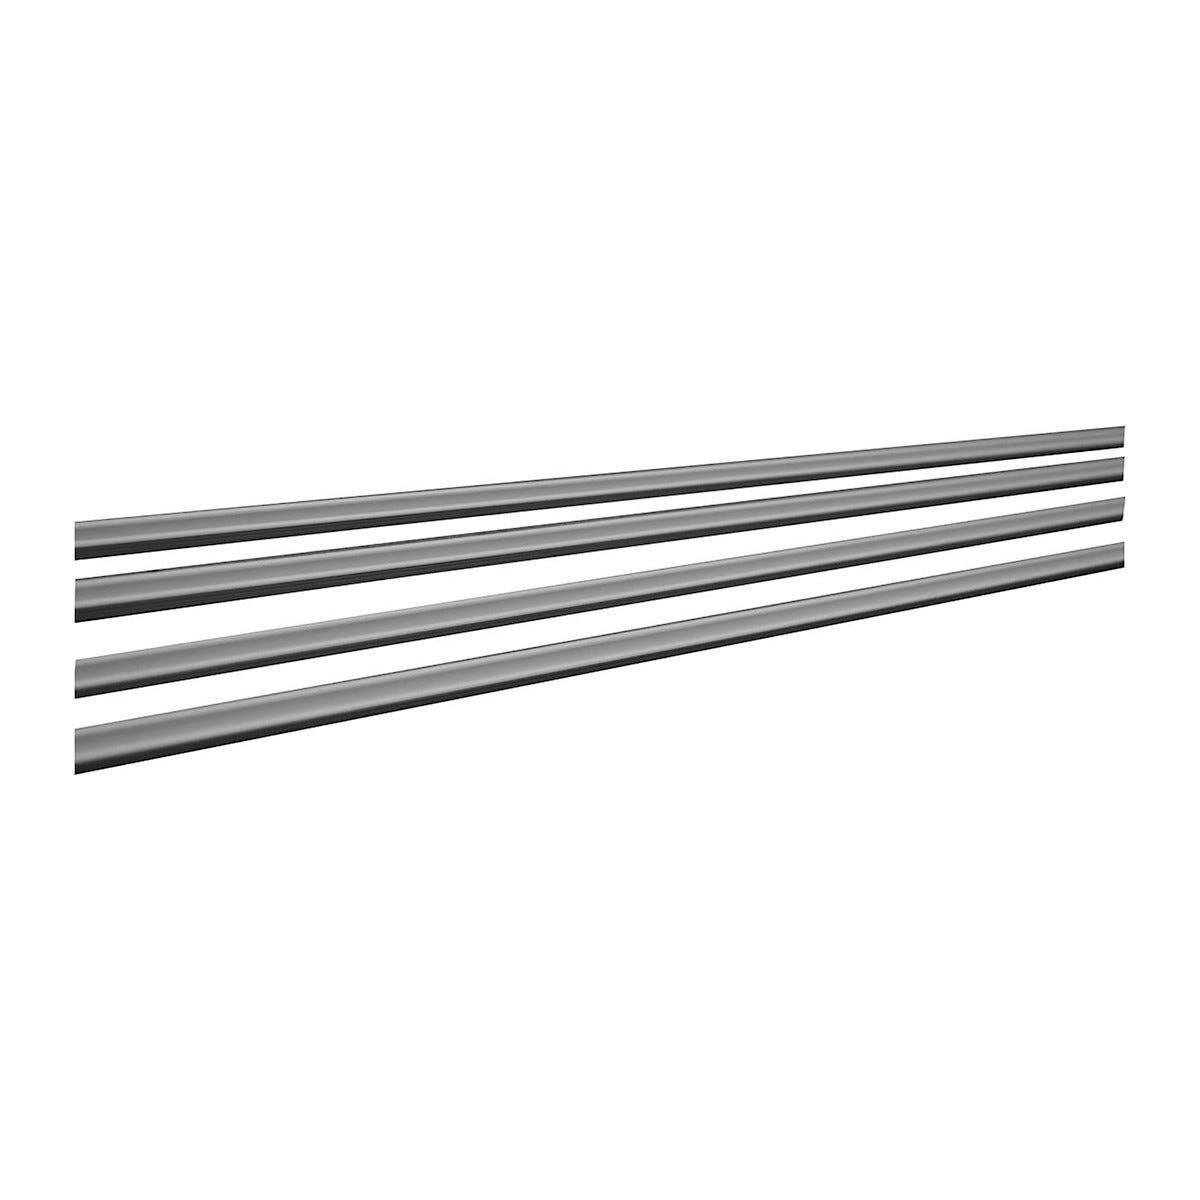 terno_scorrevoli binari abbinati per guarnitura ante 20 kg pvc bianco